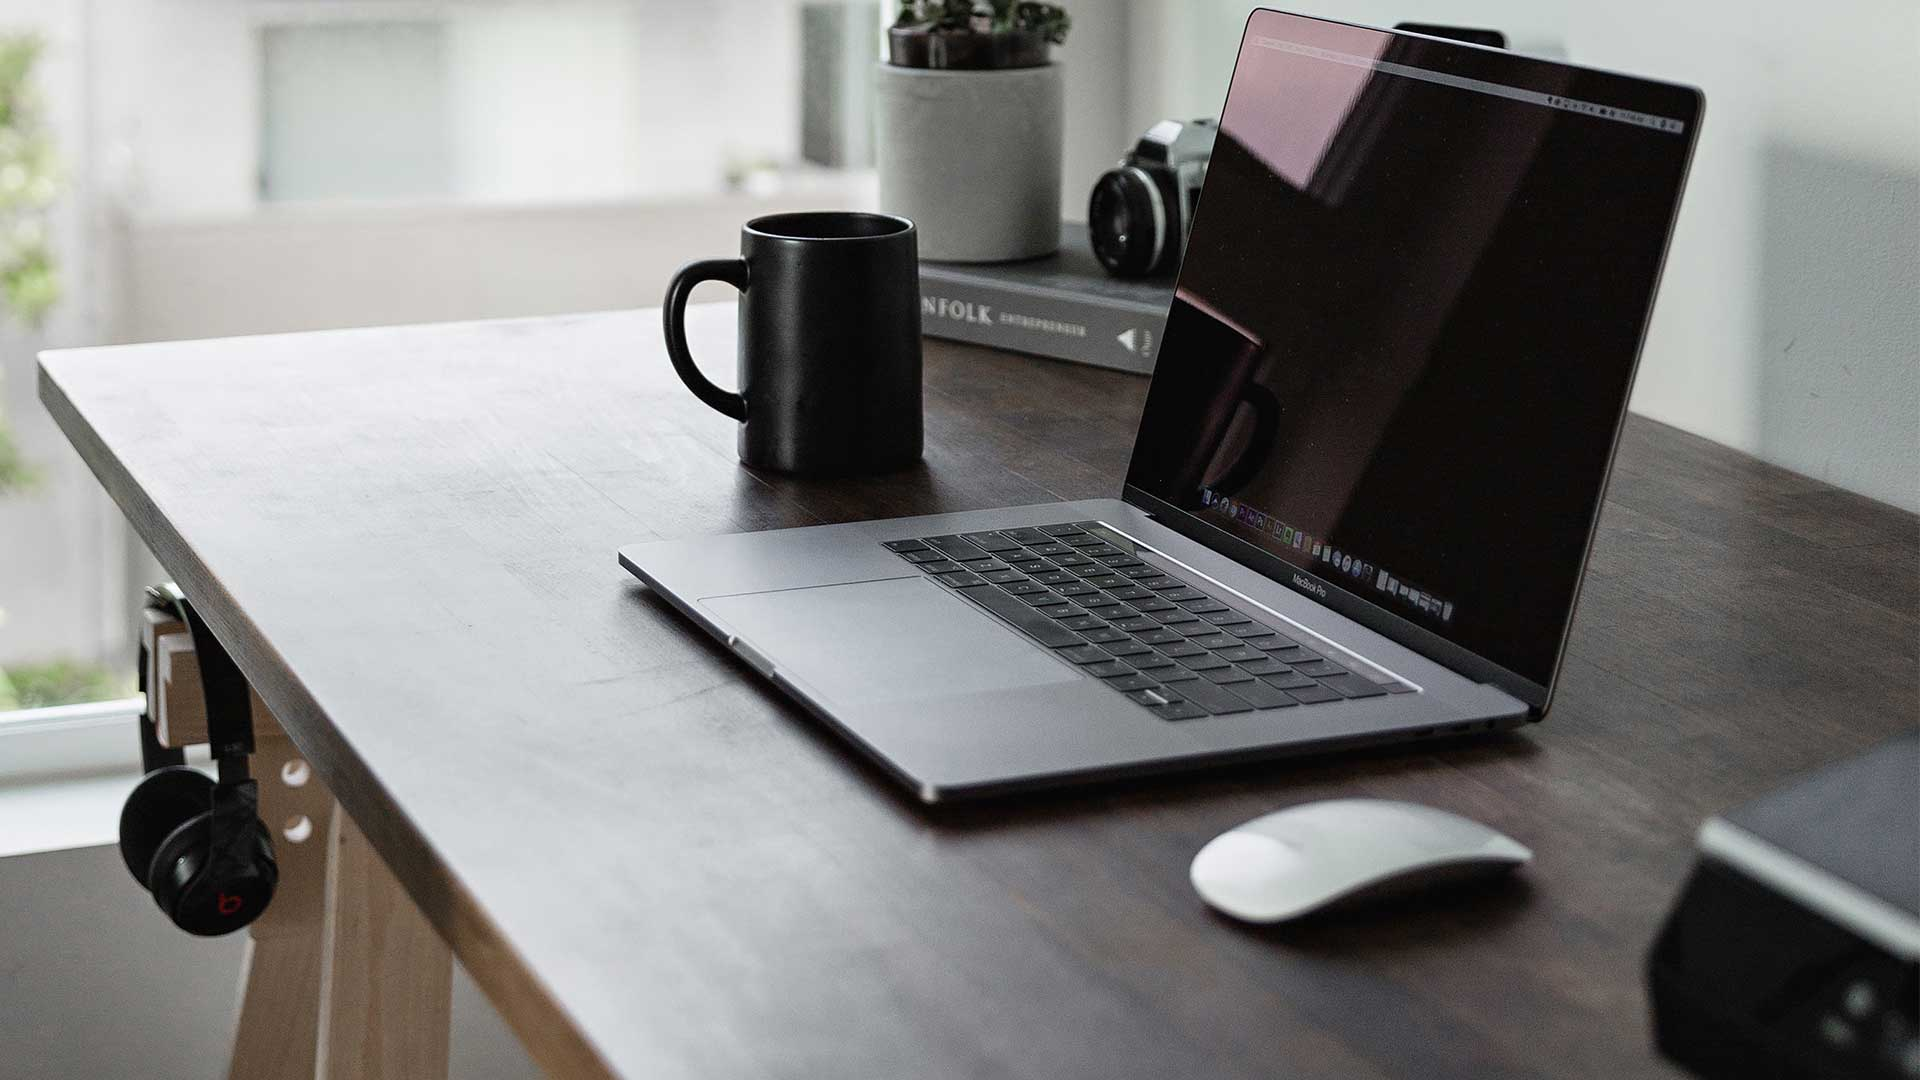 Home Office Schreibtisch am Fenster mit Laptop, Maus, Kaffeetassen und weiteren Büroutensilien. Bild: Dillon Shook/unsplash,